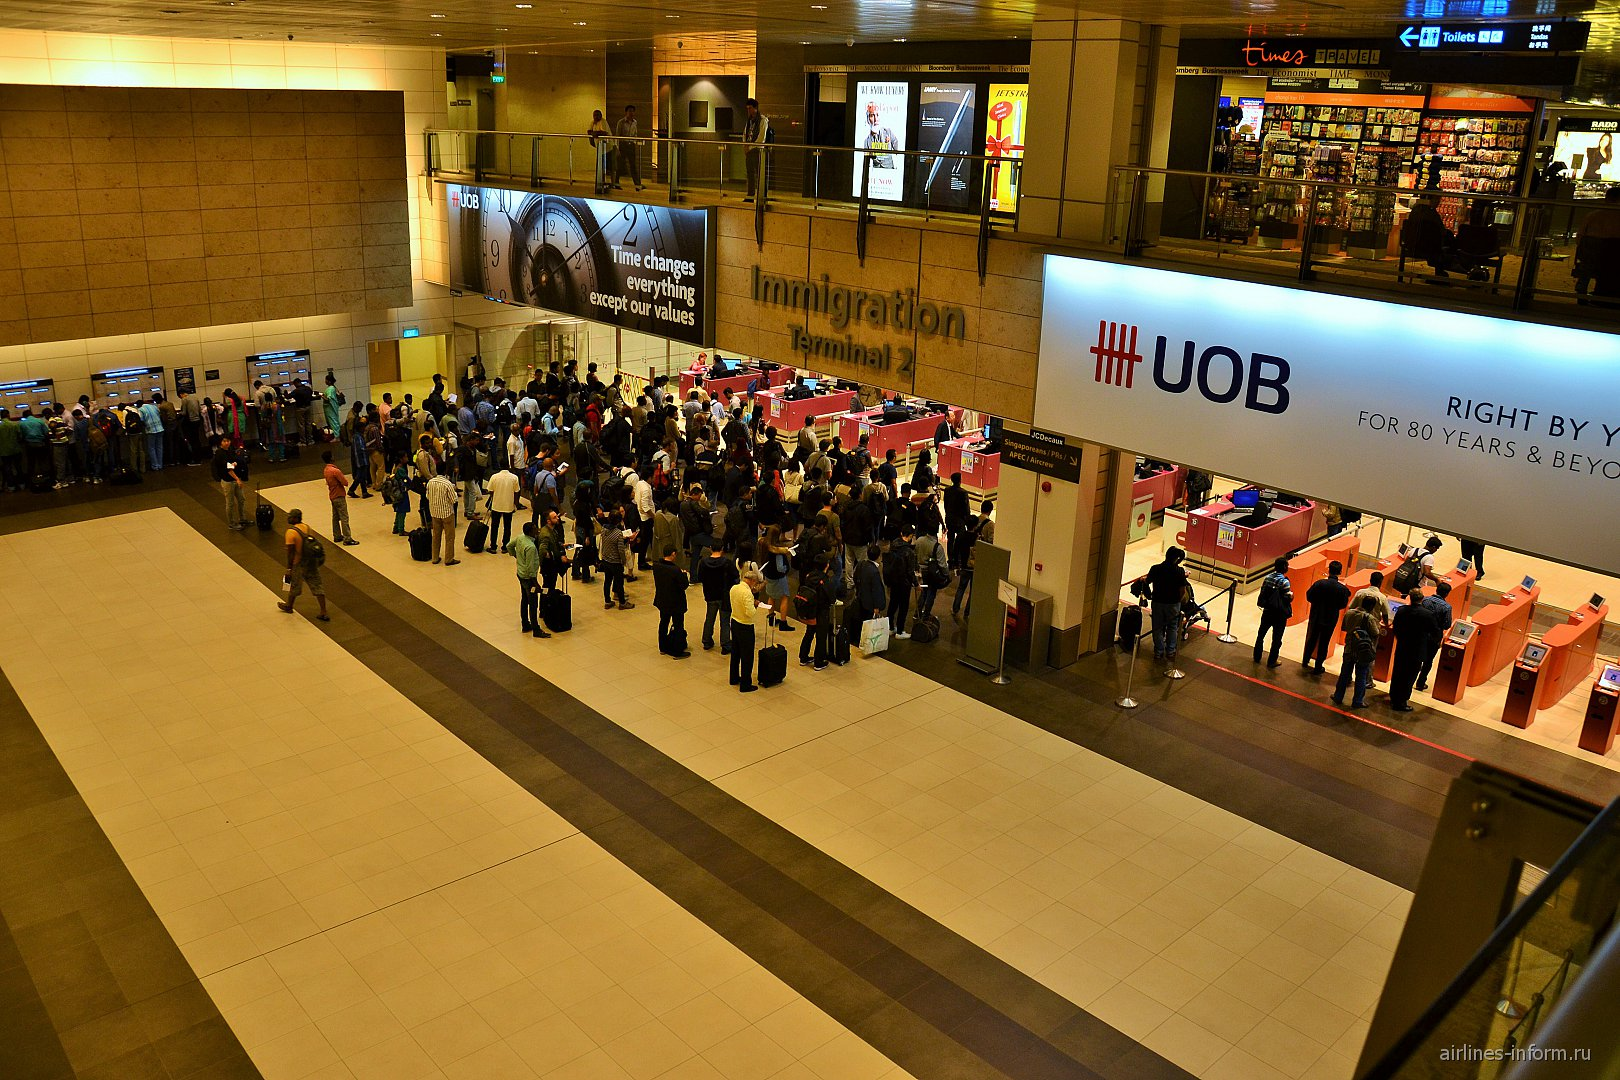 Паспортный контроль в терминале 2 аэропорта Чанги в Сингапуре